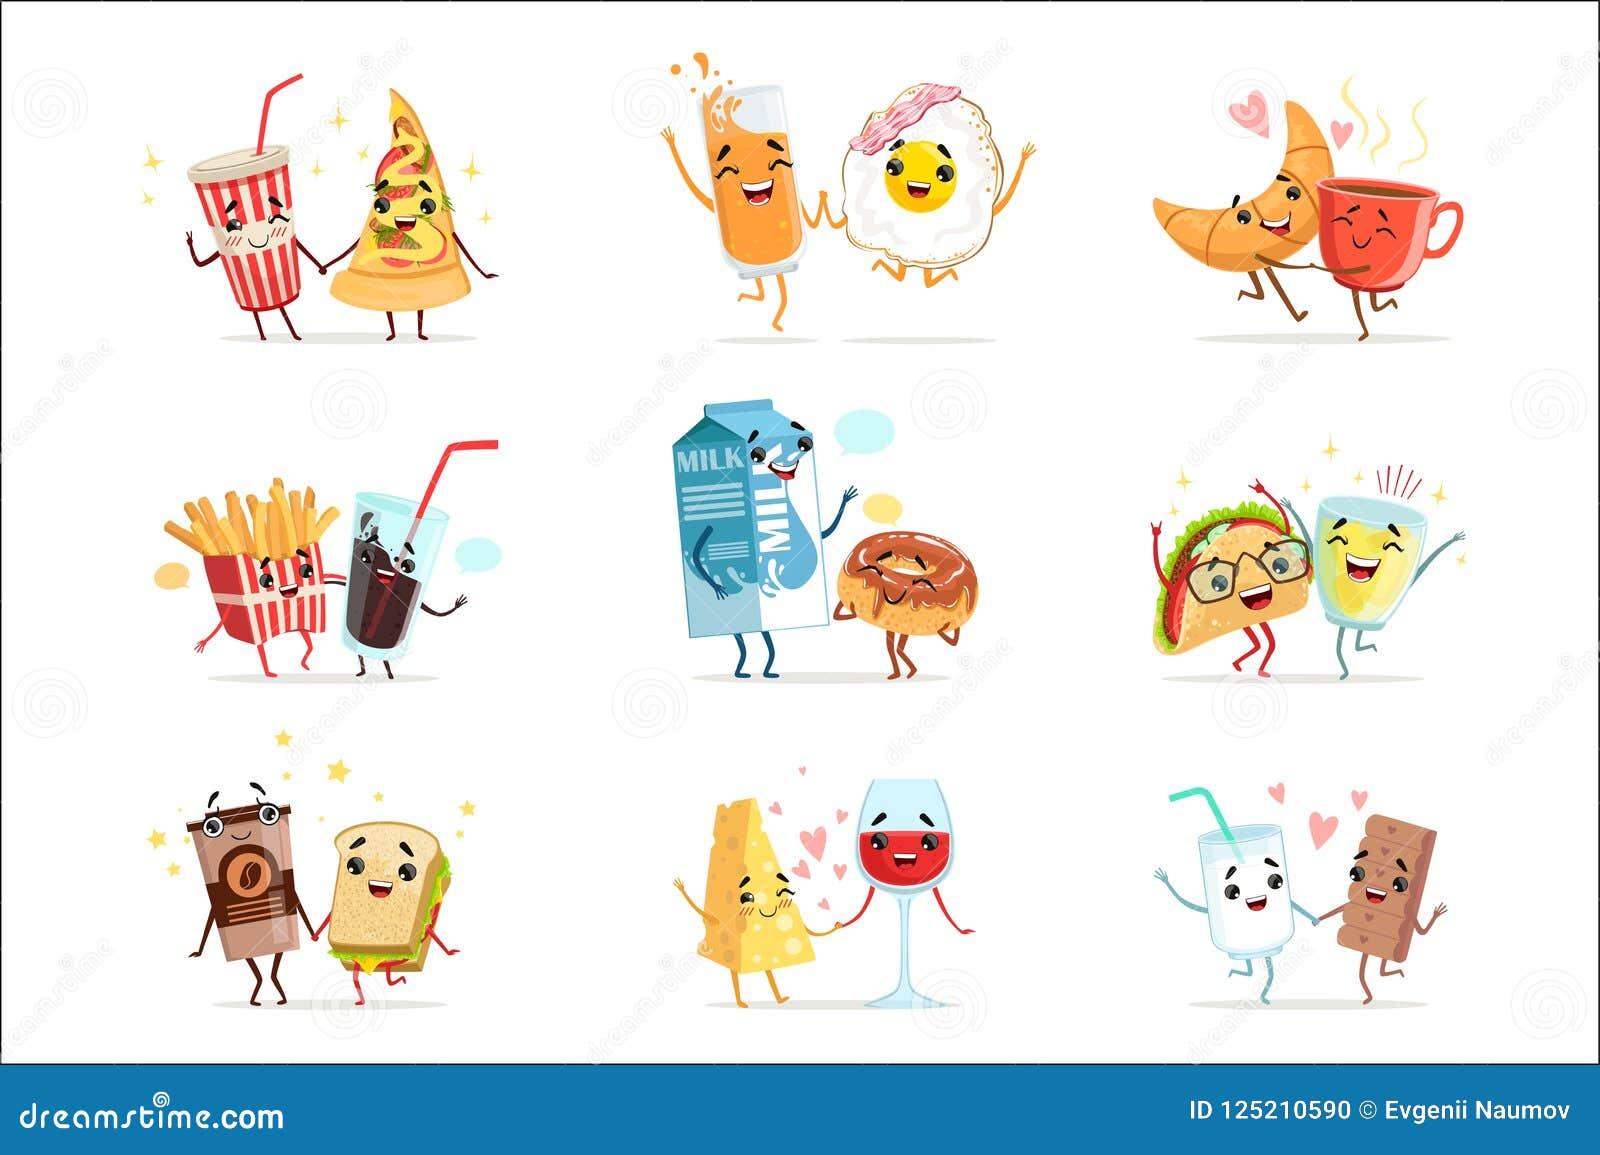 Los Personajes De Dibujos Animados Cómicos Lindos De La Comida